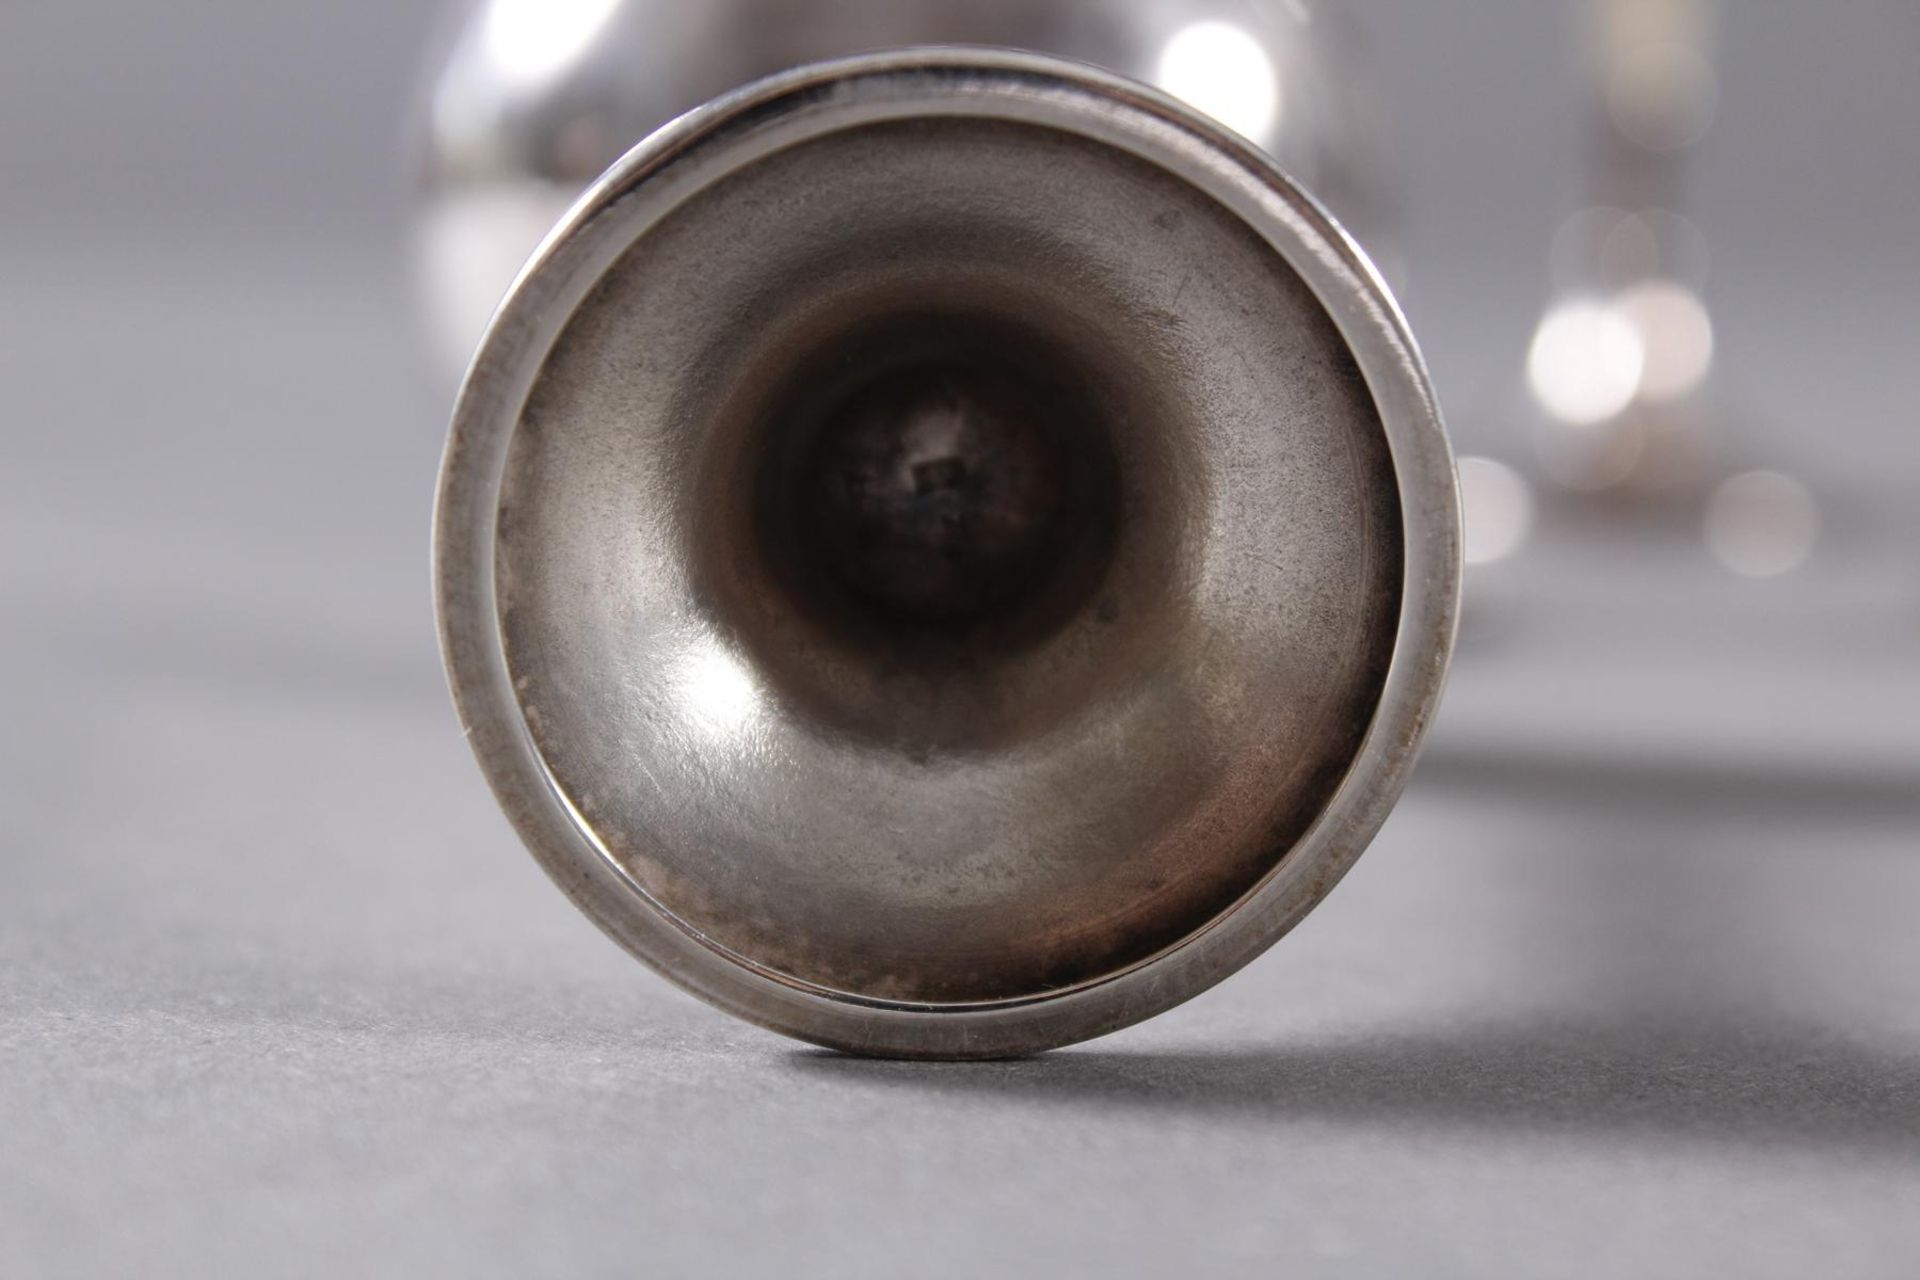 Los 1500 - 6 Britanniametall-Likörschalen, WMF um 1910Innenwandung vergoldet, Schaft aus Elfenbein. Sehr